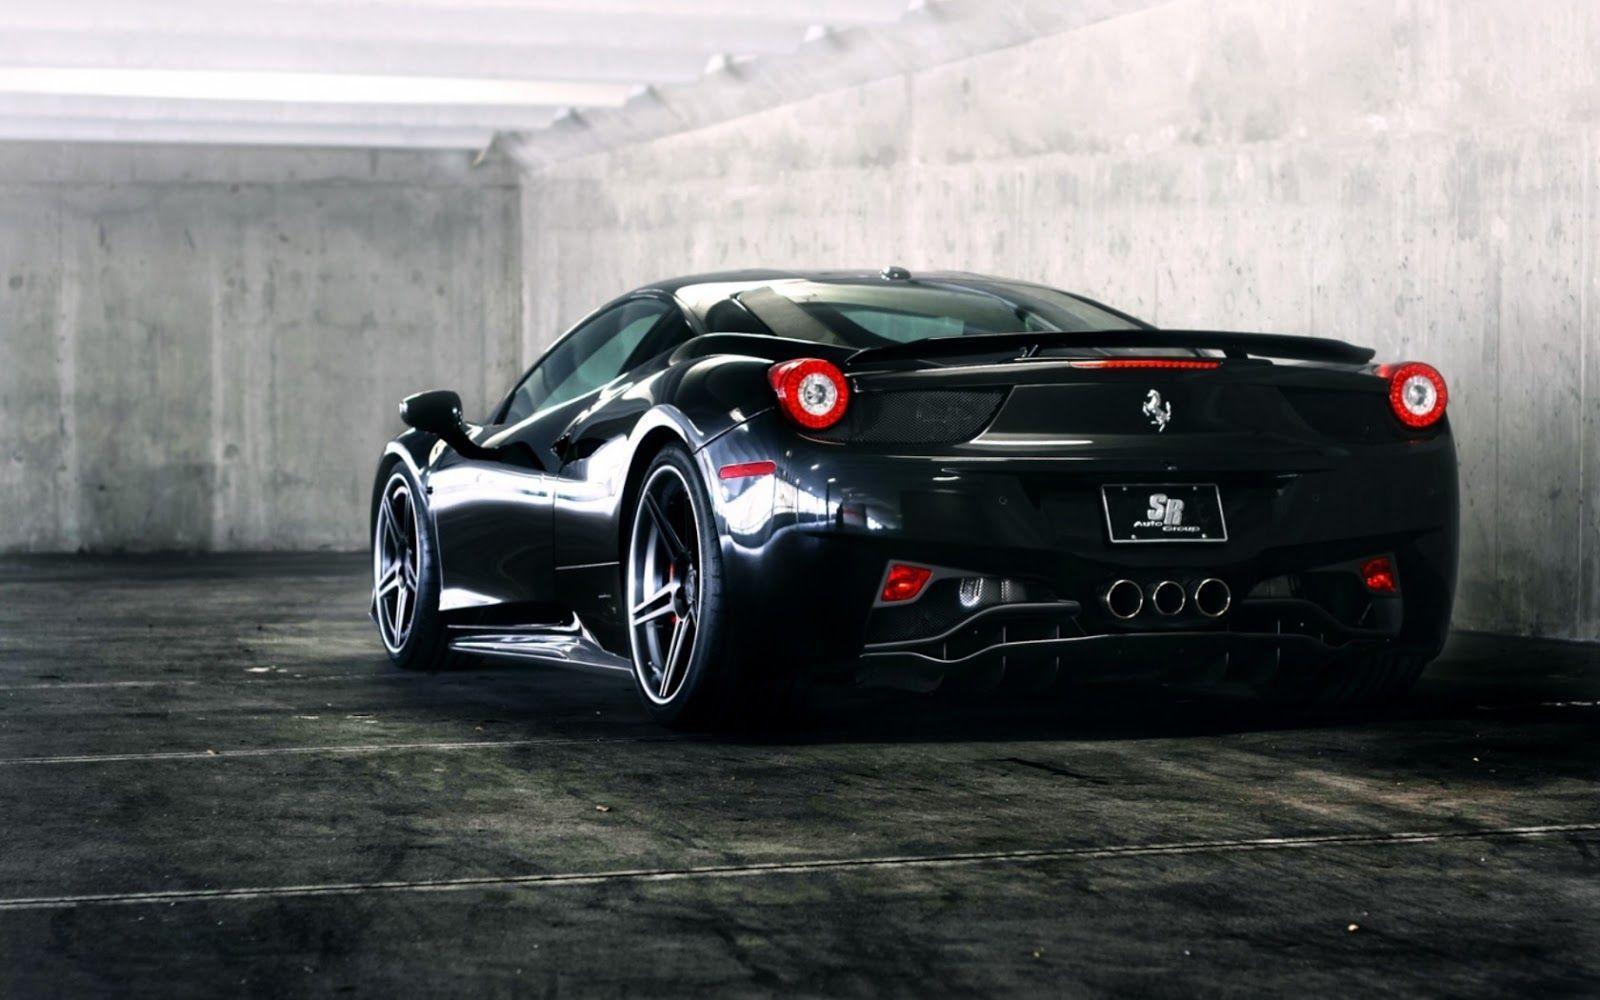 Ferrari 458 Italia Wallpapers HD 1600x1000